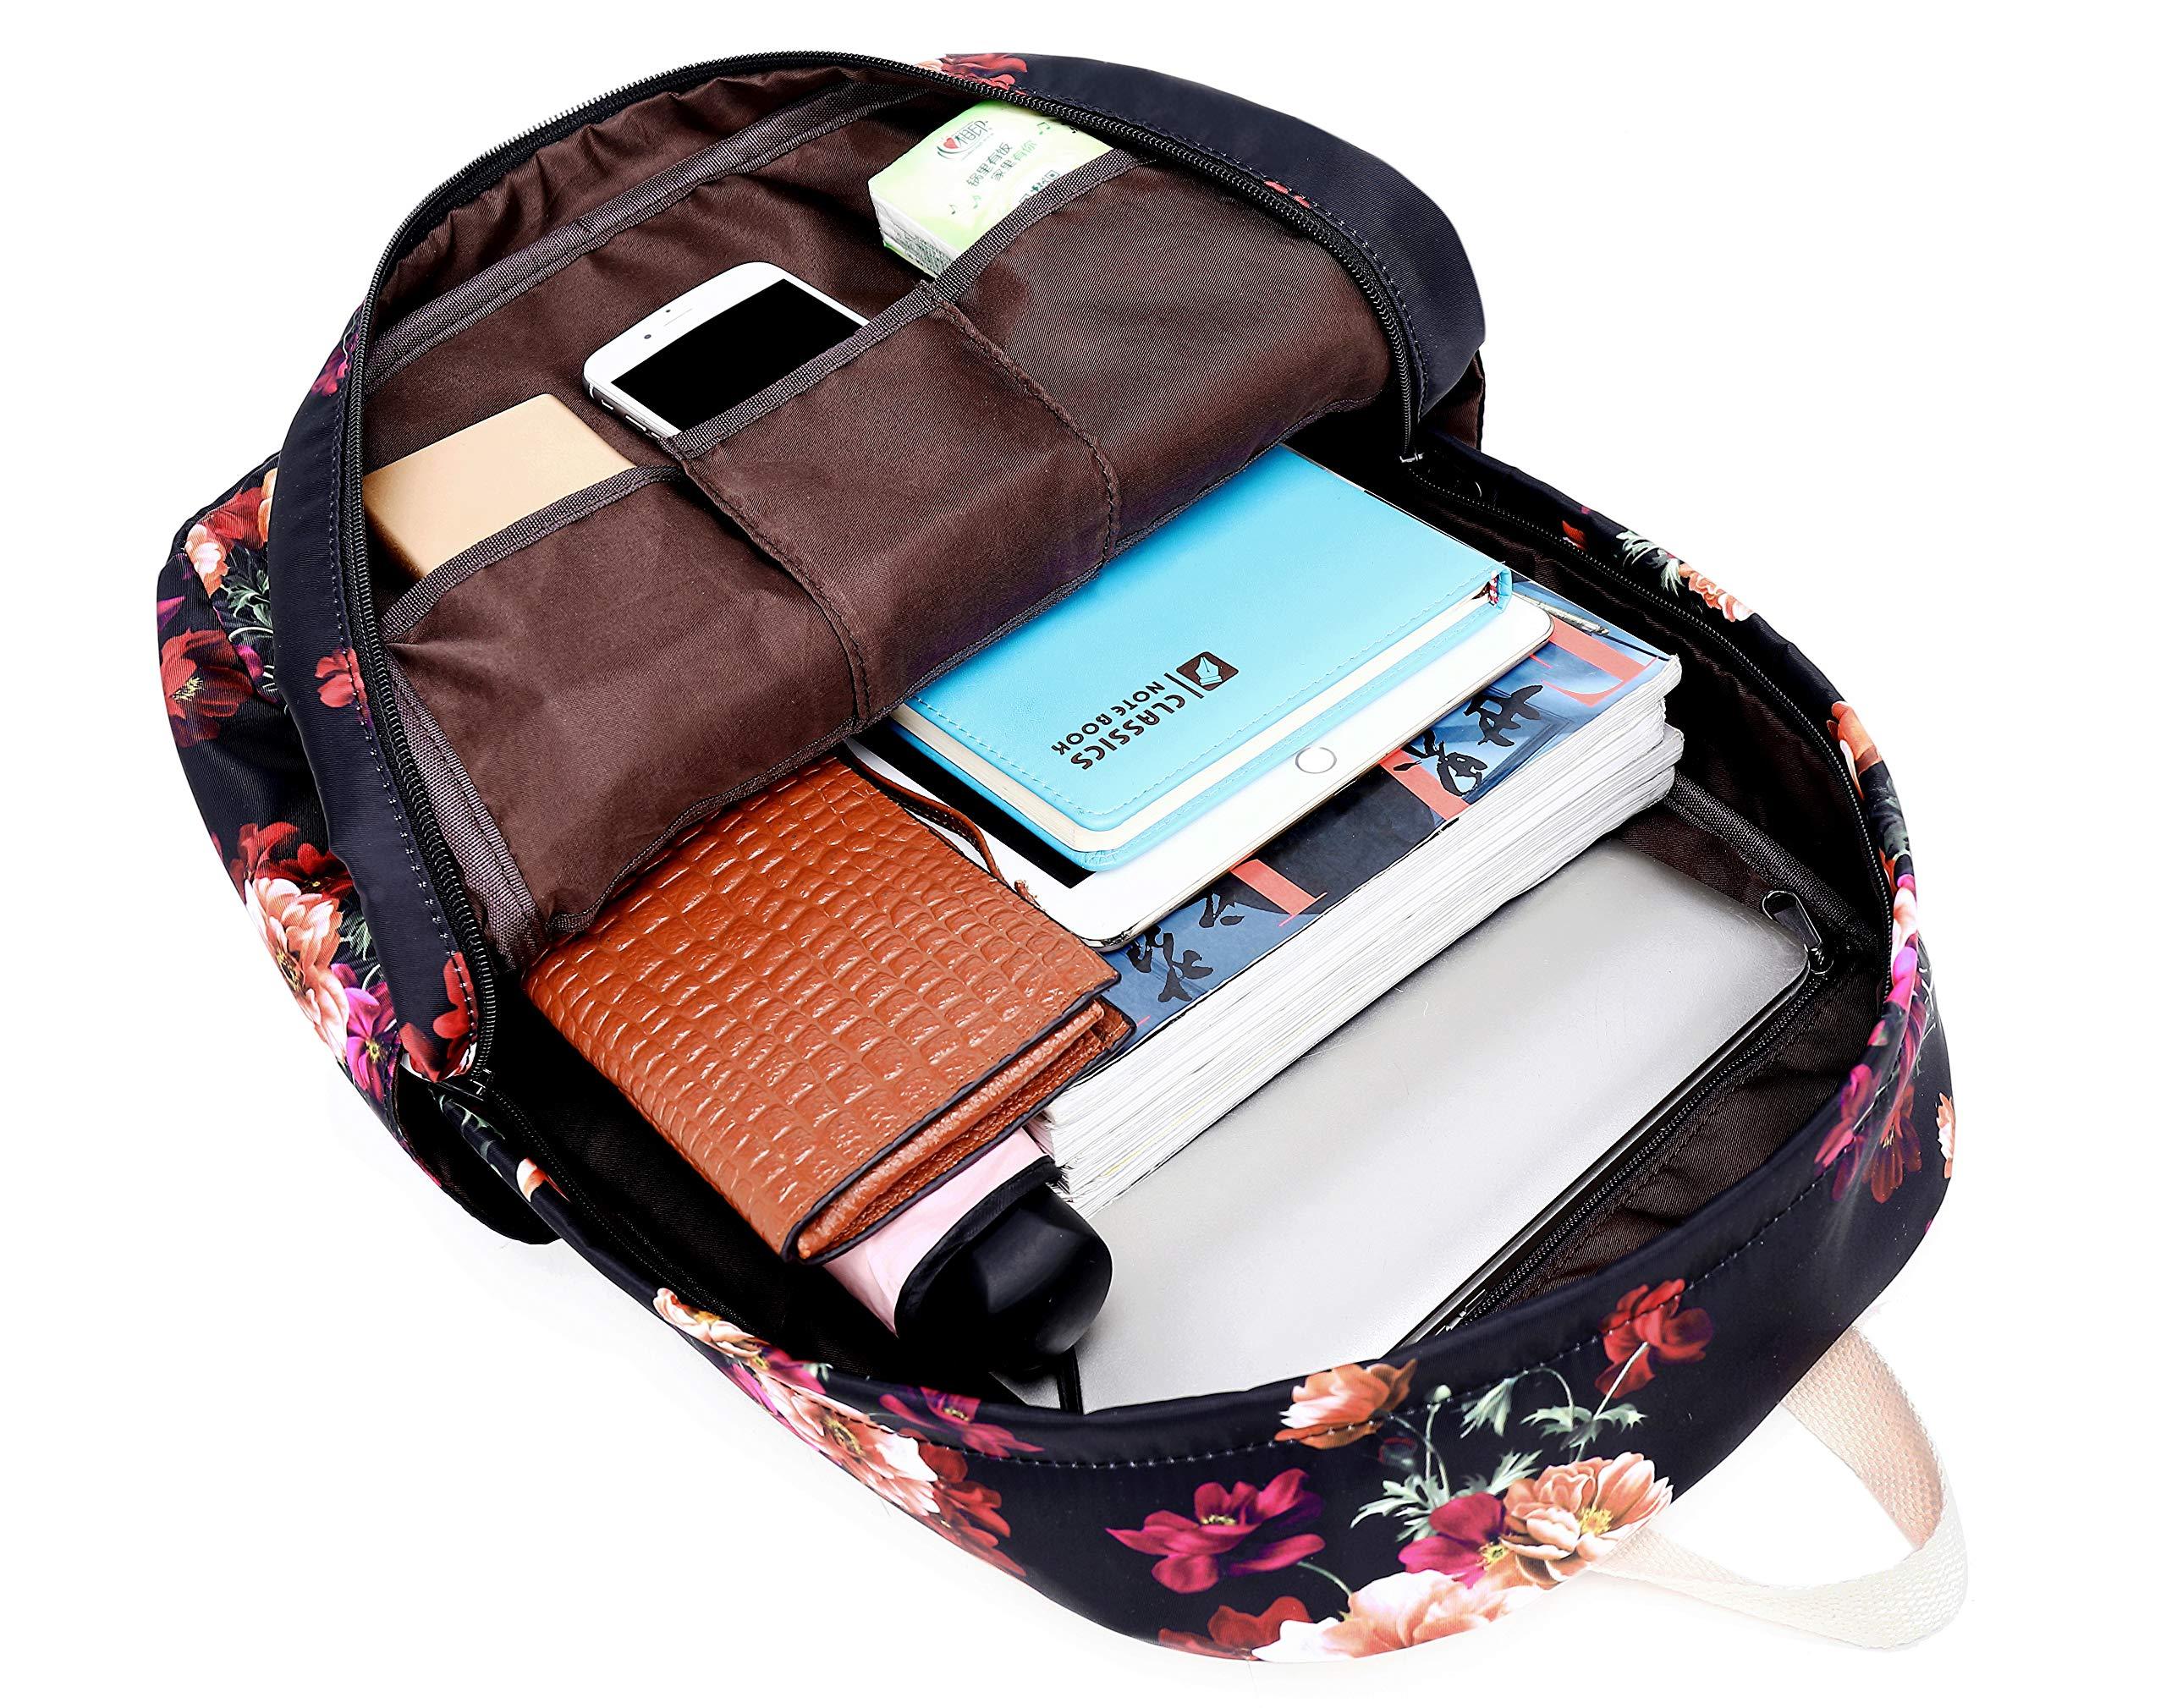 91jMO6XlKGL - Joymoze Set de Bolsos para Libros con Bolsa Escolar Linda y Ligera, Bolso con Asas para el Almuerzo y Estuche Cerezo…